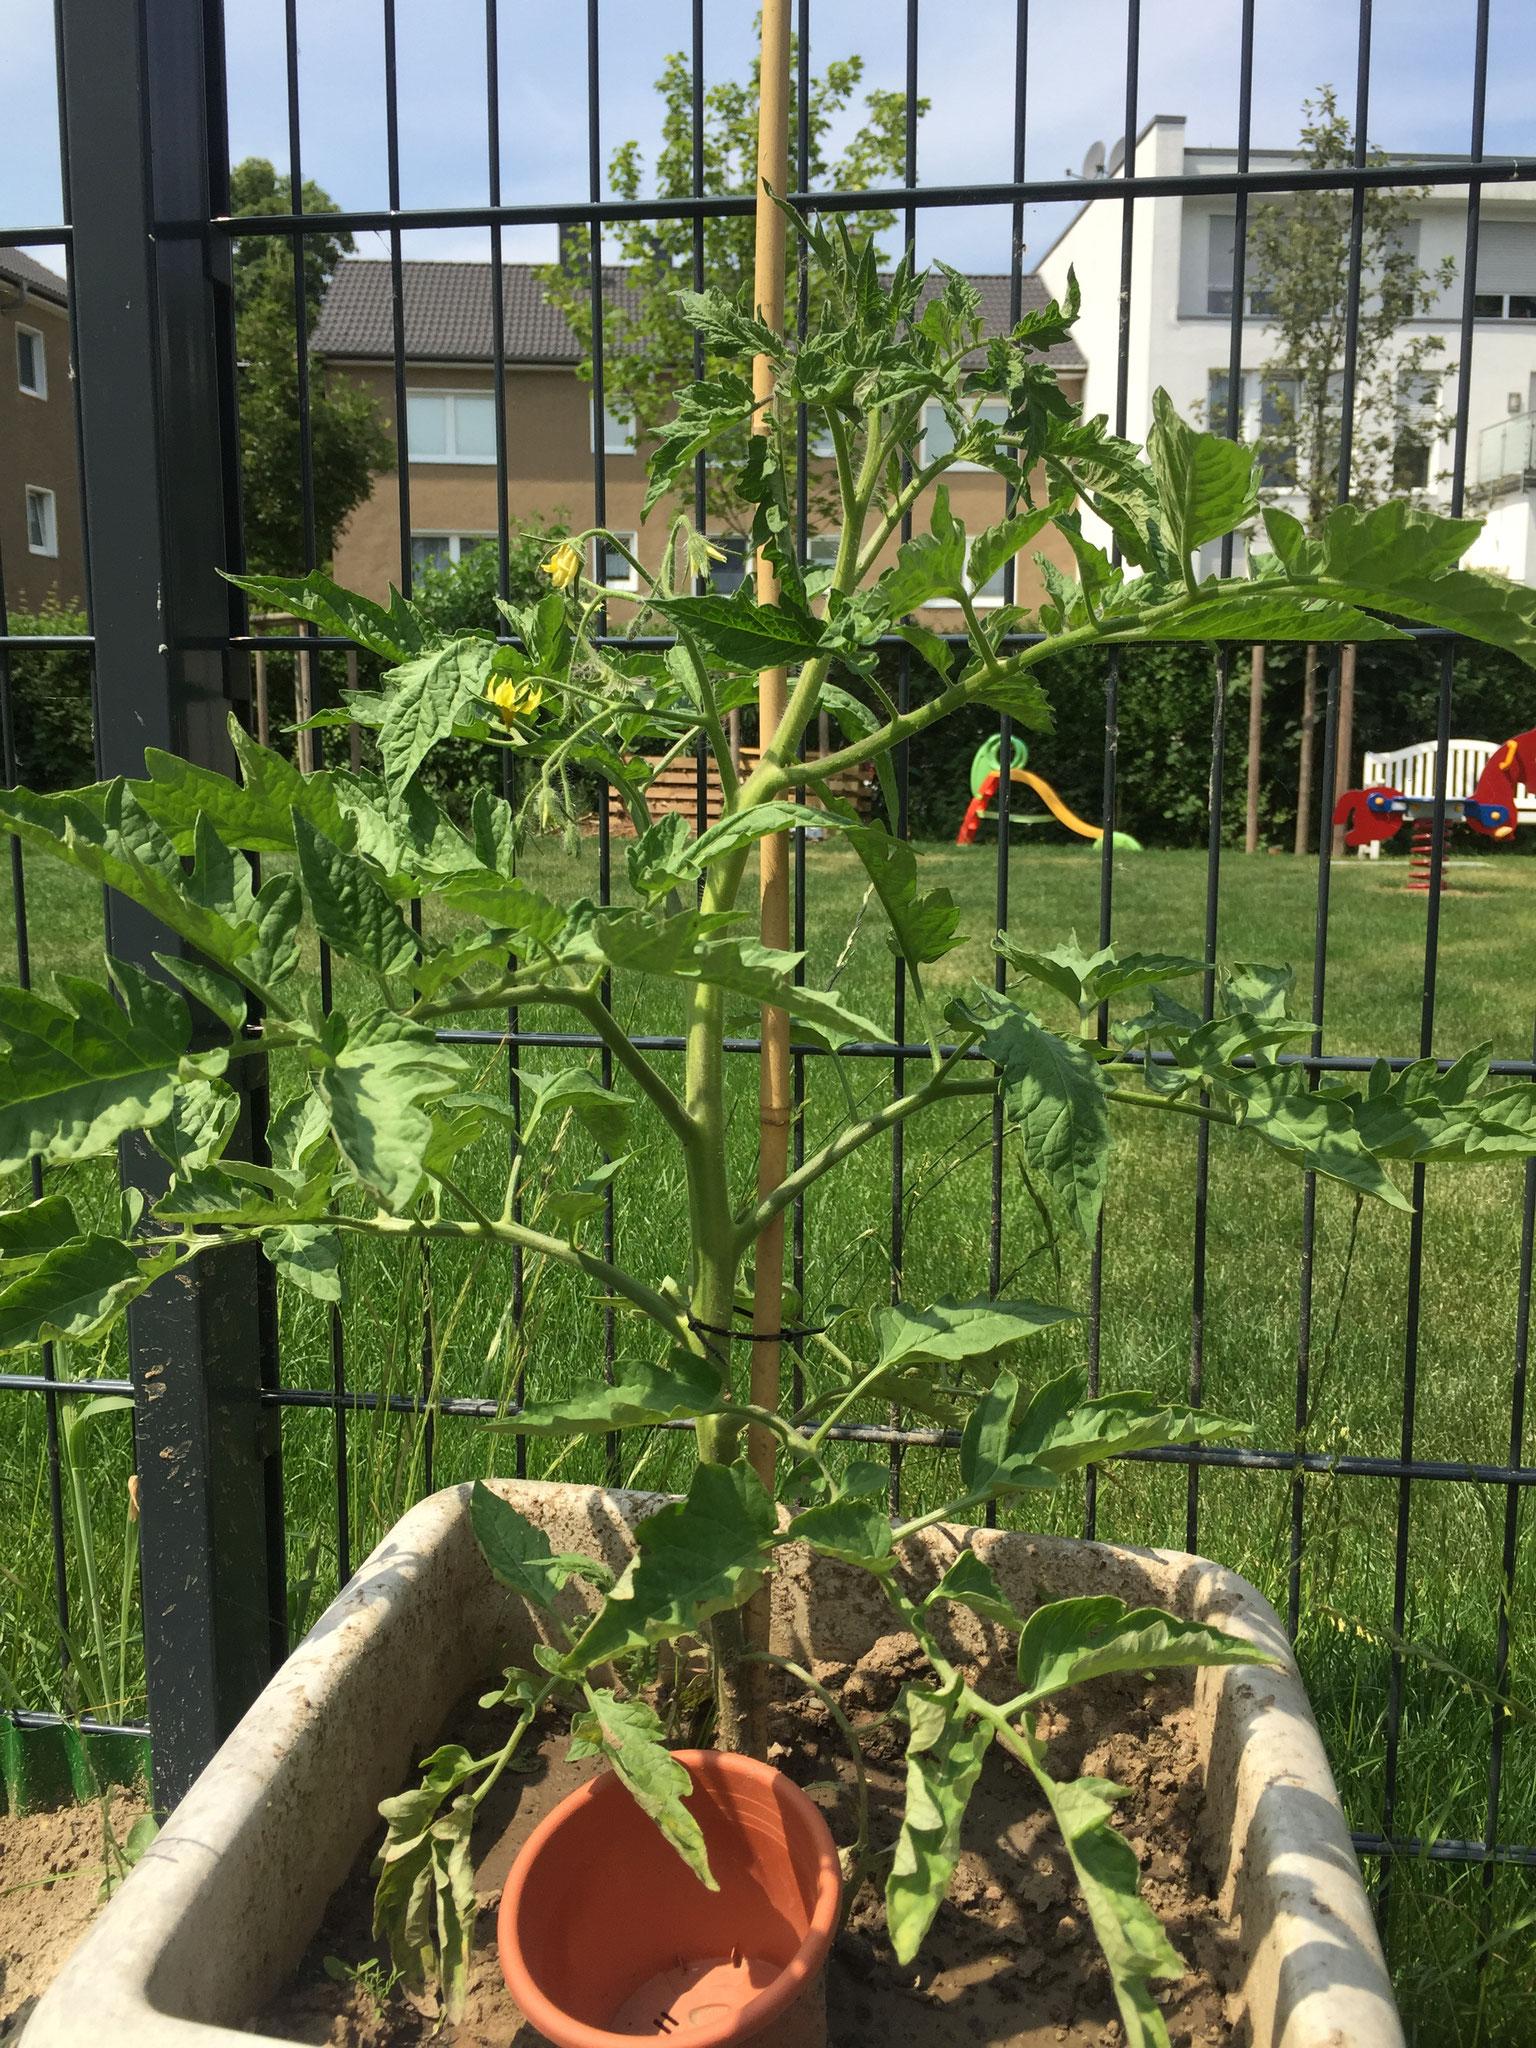 Die Tomaten wachsen so schnell, sie werden jeden Tag ausgegeizt